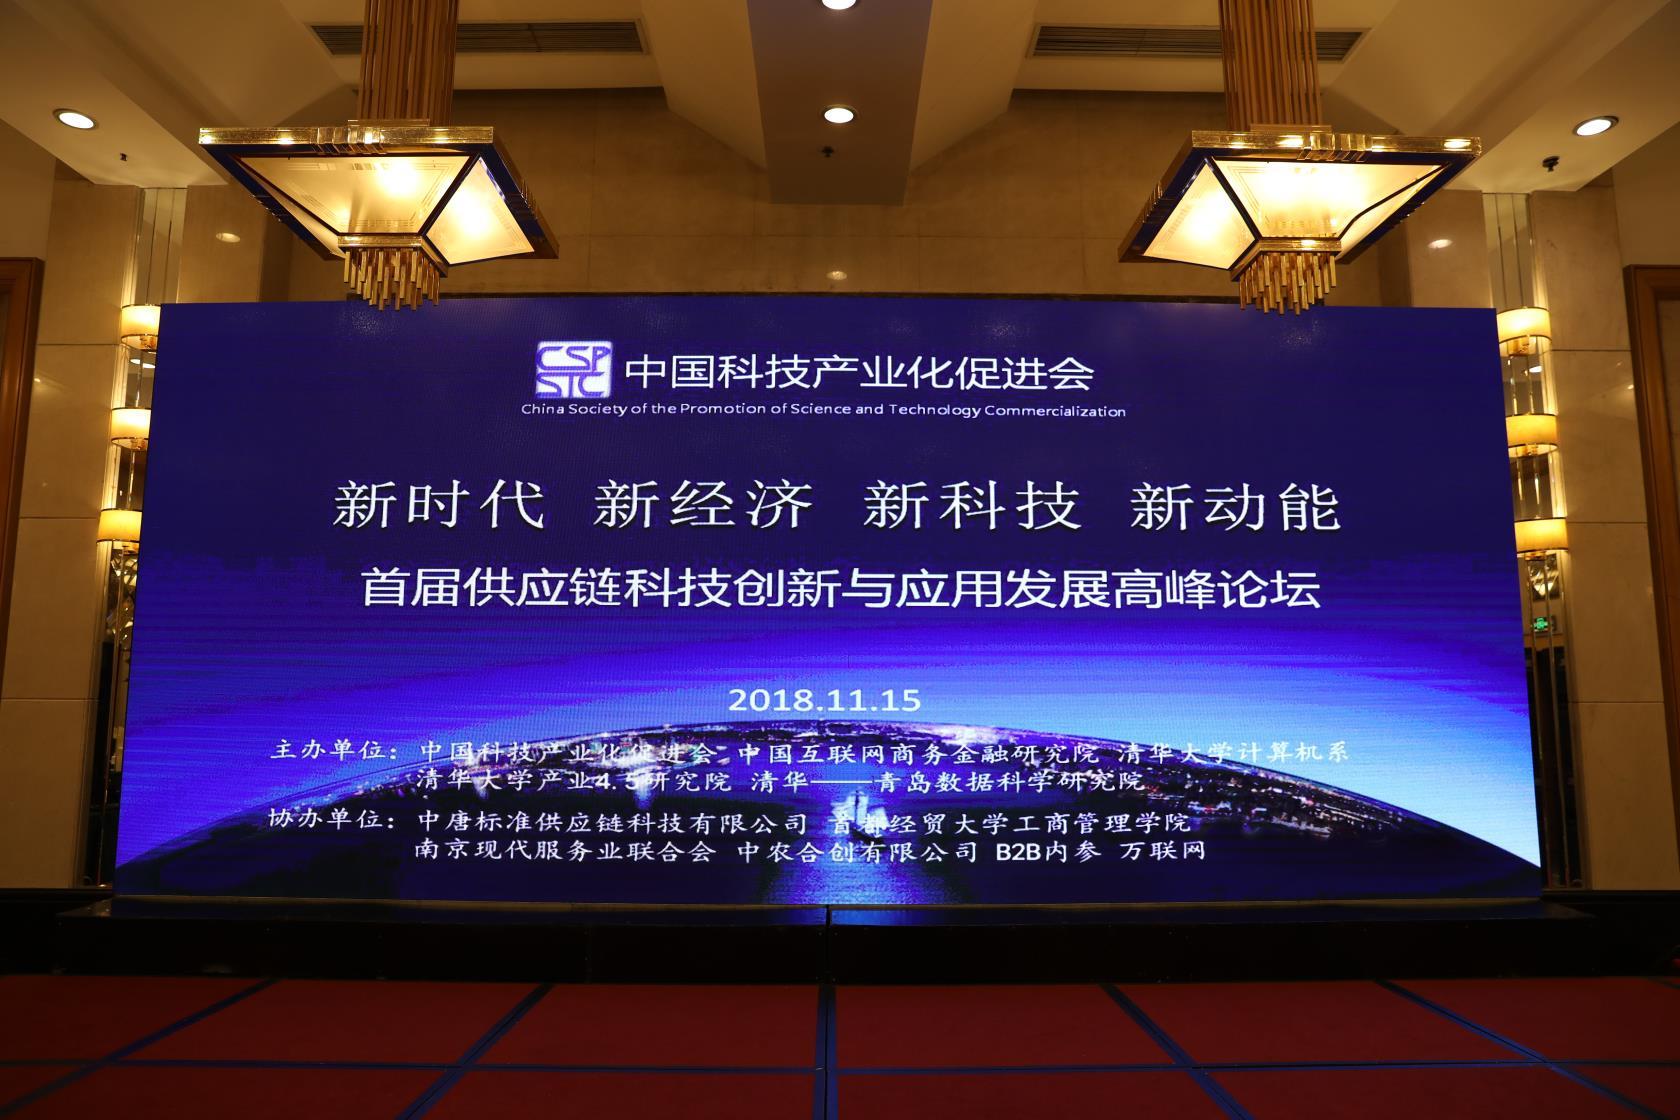 中国科技产业化促进会首届供应链科技创新与应用发展高峰论坛